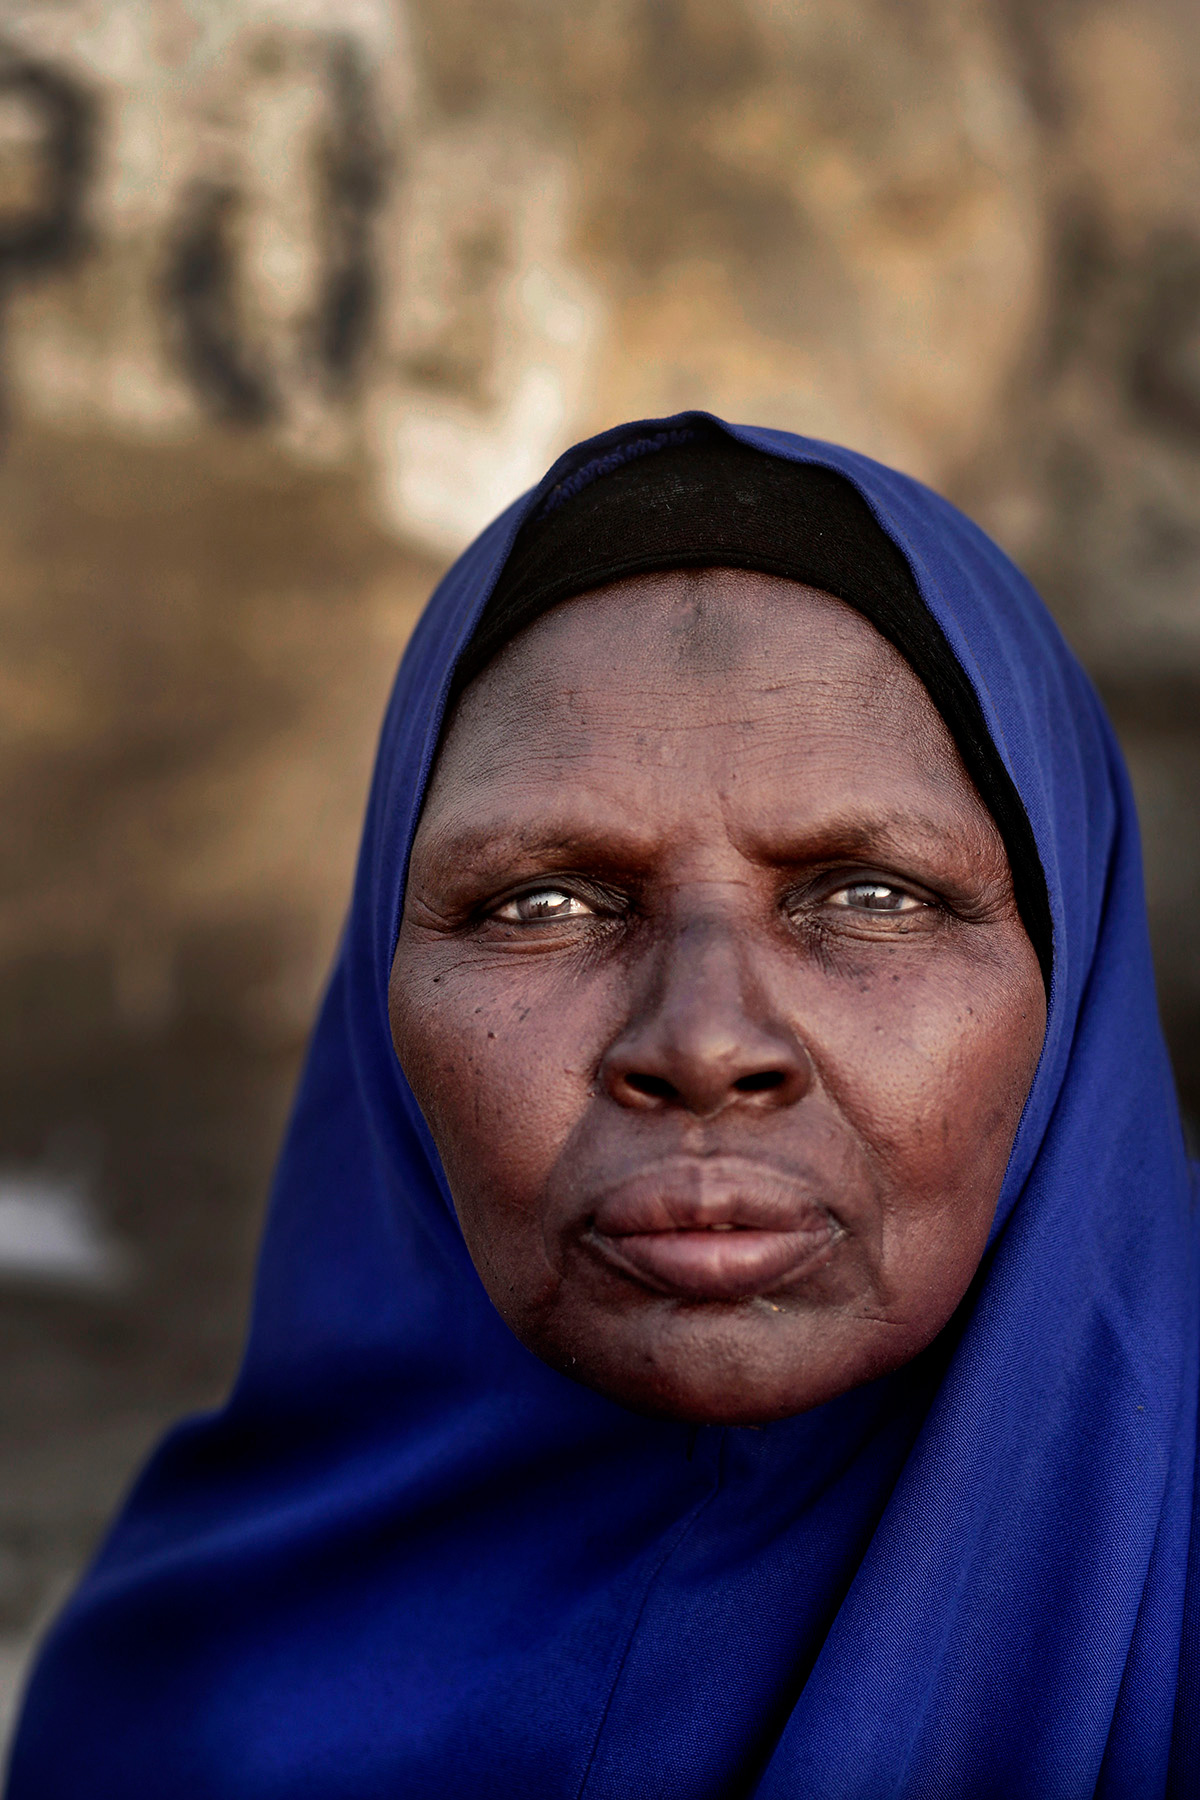 Faces of the female faithful at the hajj